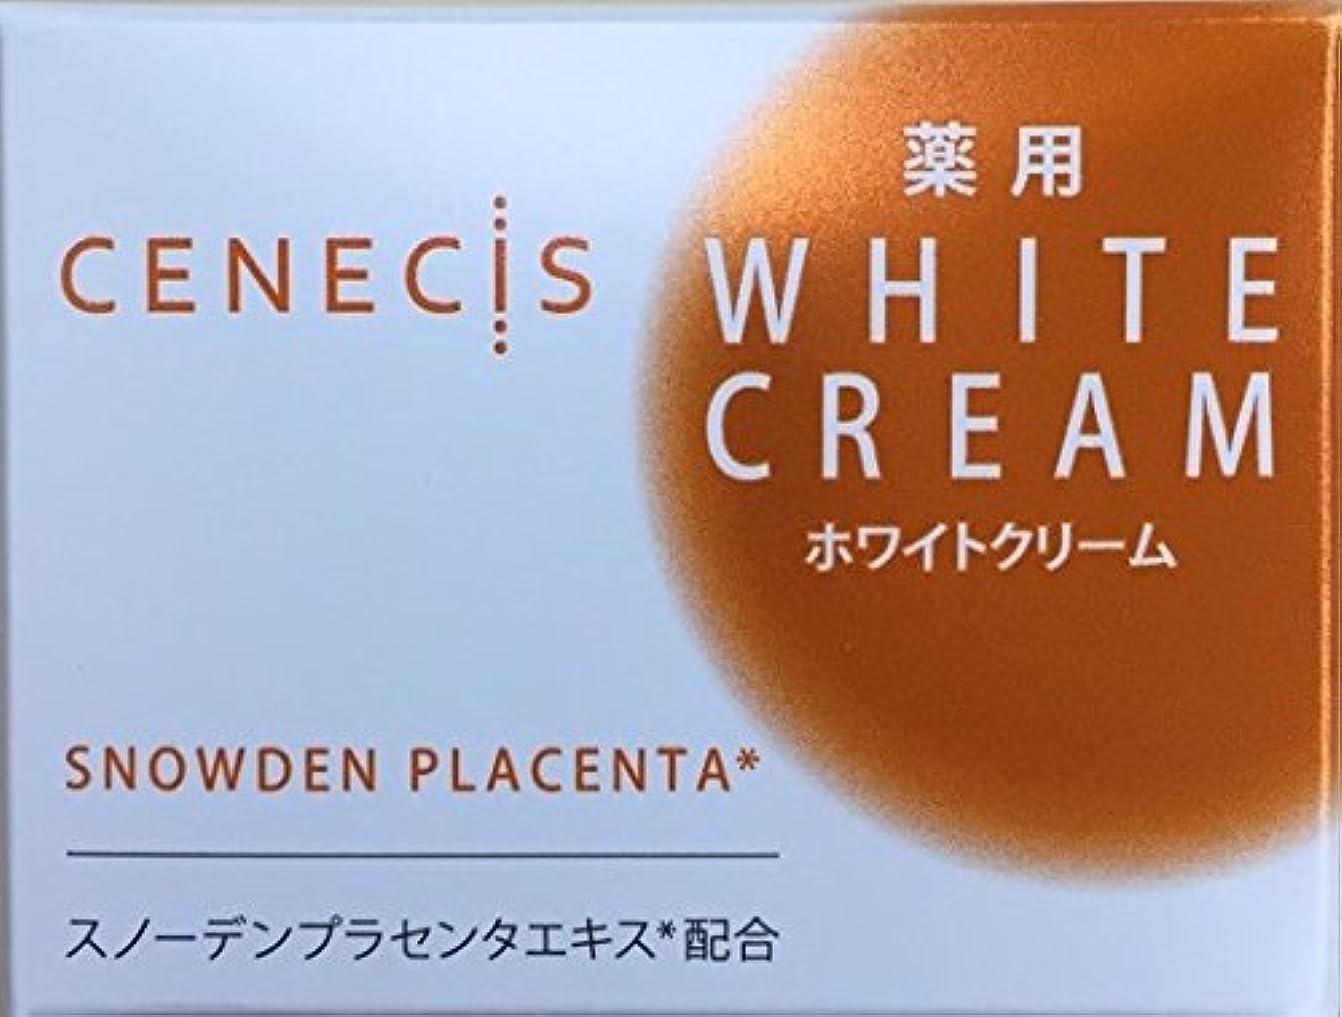 概してフェリー小人スノーデン セネシス 薬用ホワイトクリーム 40g